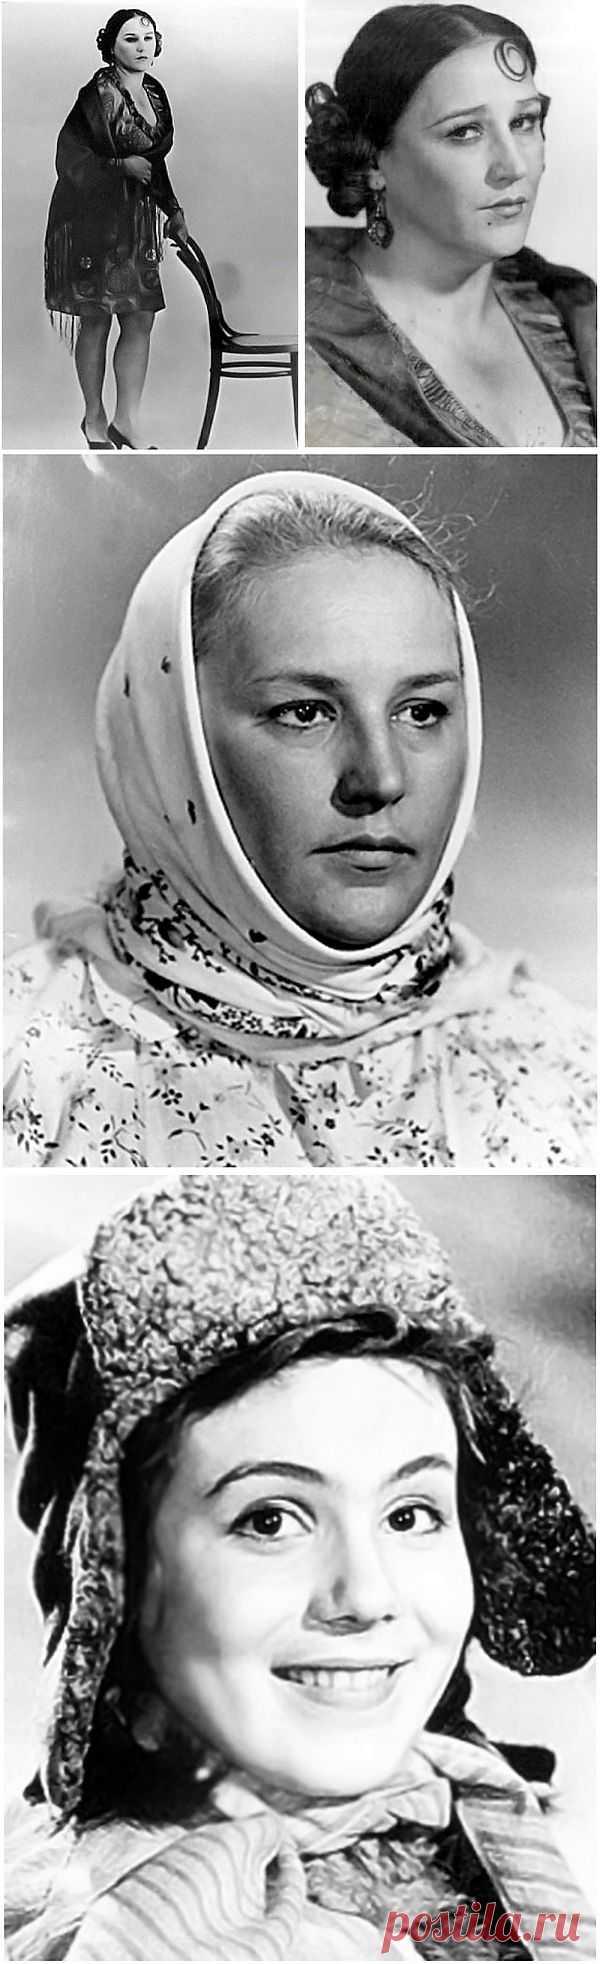 Фотопробы звёзд советского кино / Обратно в СССР. Вспоминая наше советское прошлое